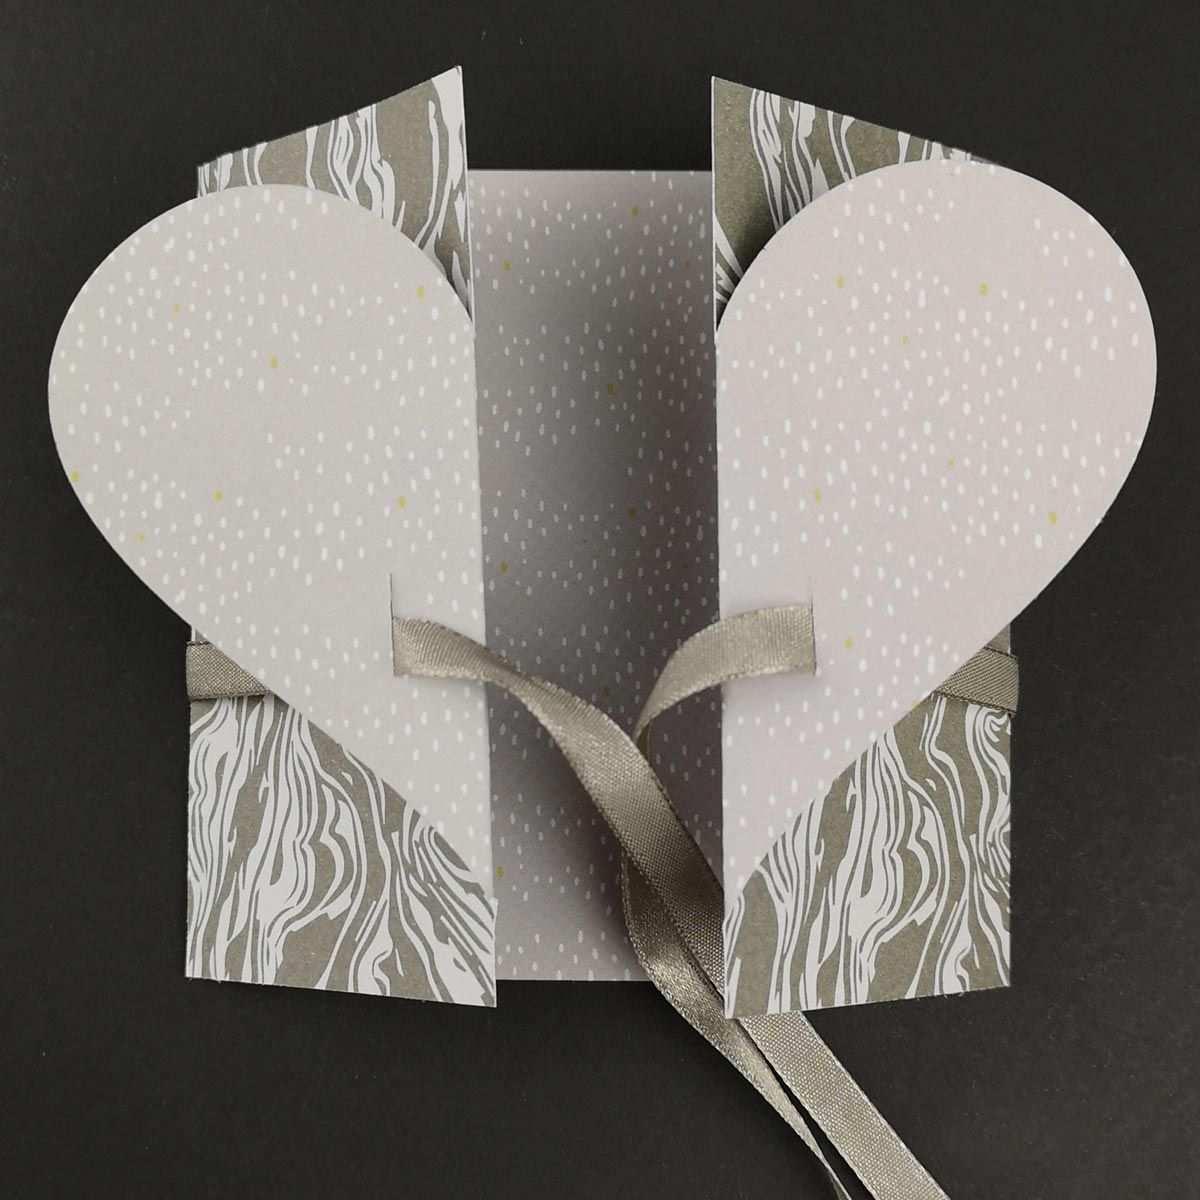 Schlichte Hochzeitskarte Basteln Plotterfreebie Bastelvorlage Kugelig Com In 2020 Hochzeitskarte Basteln Karte Hochzeit Hochzeitskarten